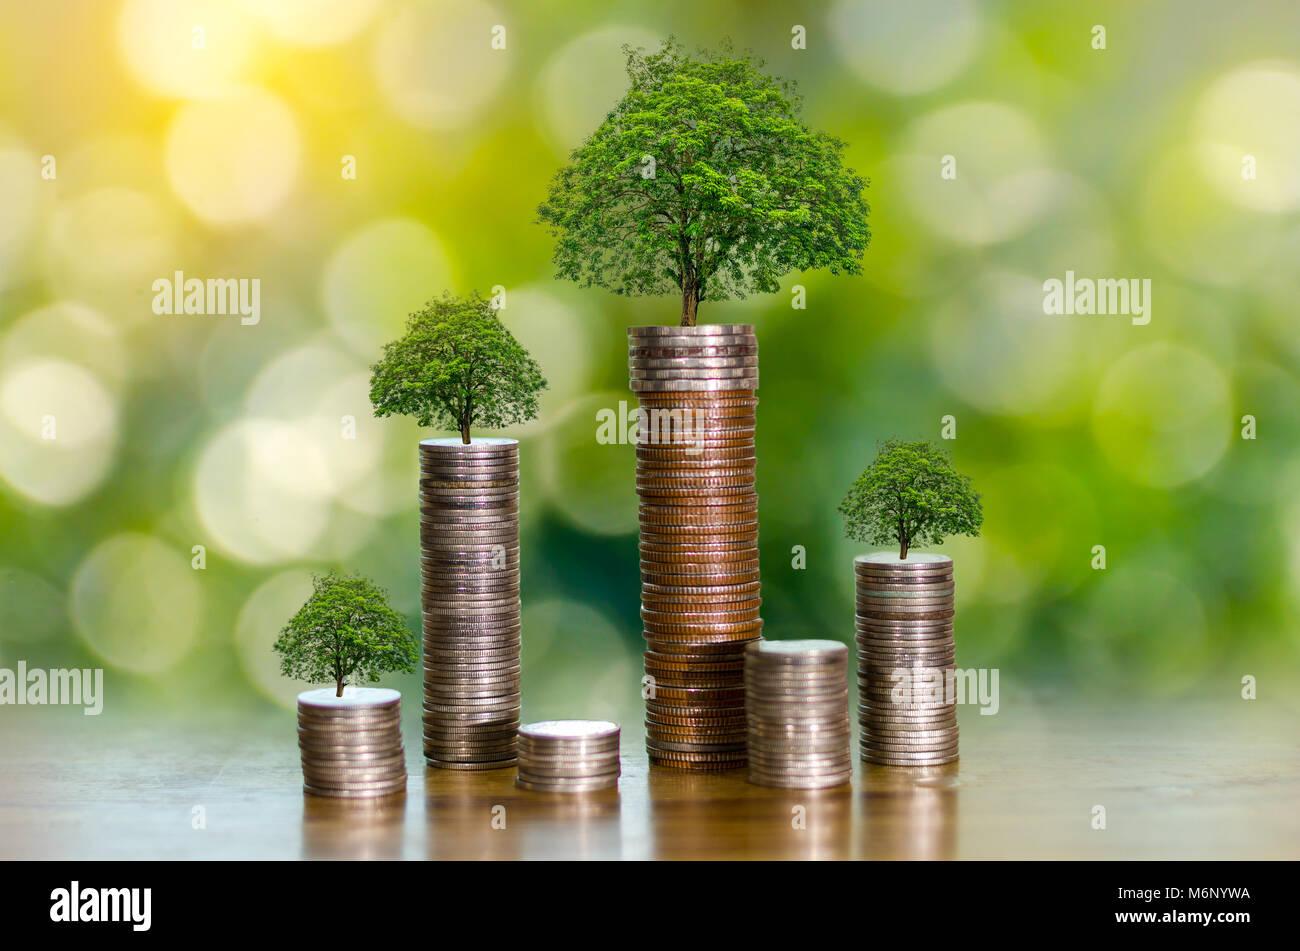 Árbol de monedas a mano el árbol crece en el montón. Ahorrar dinero para el futuro. Ideas de inversión Imagen De Stock